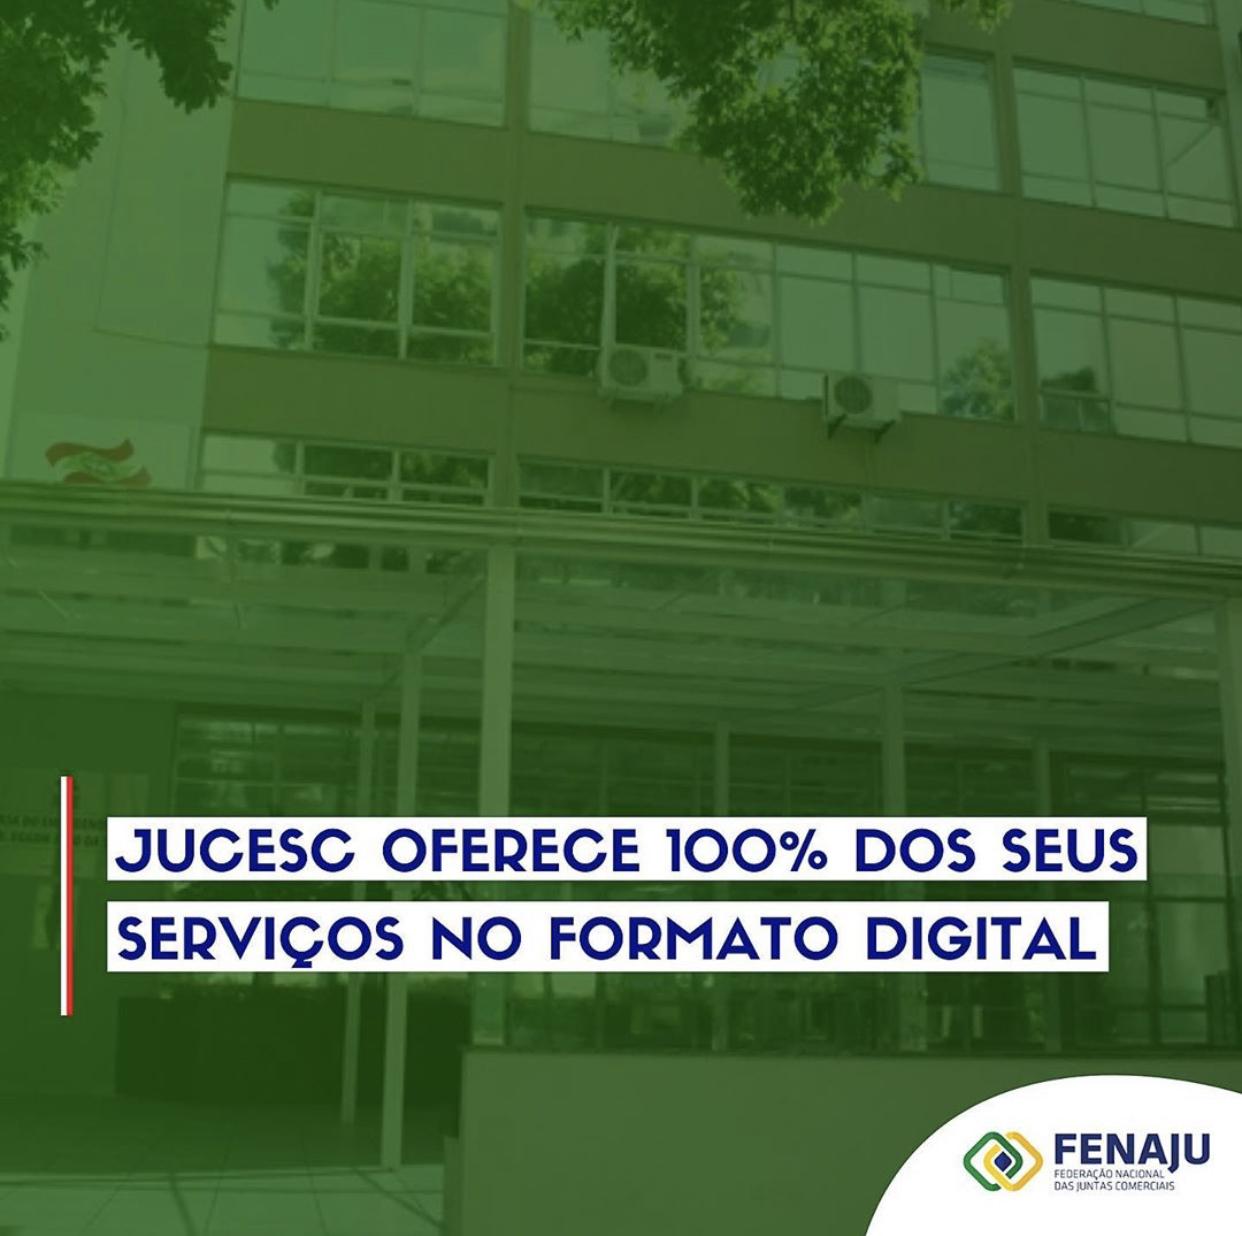 JUCESC oferece 100% dos seus serviços no formato digital